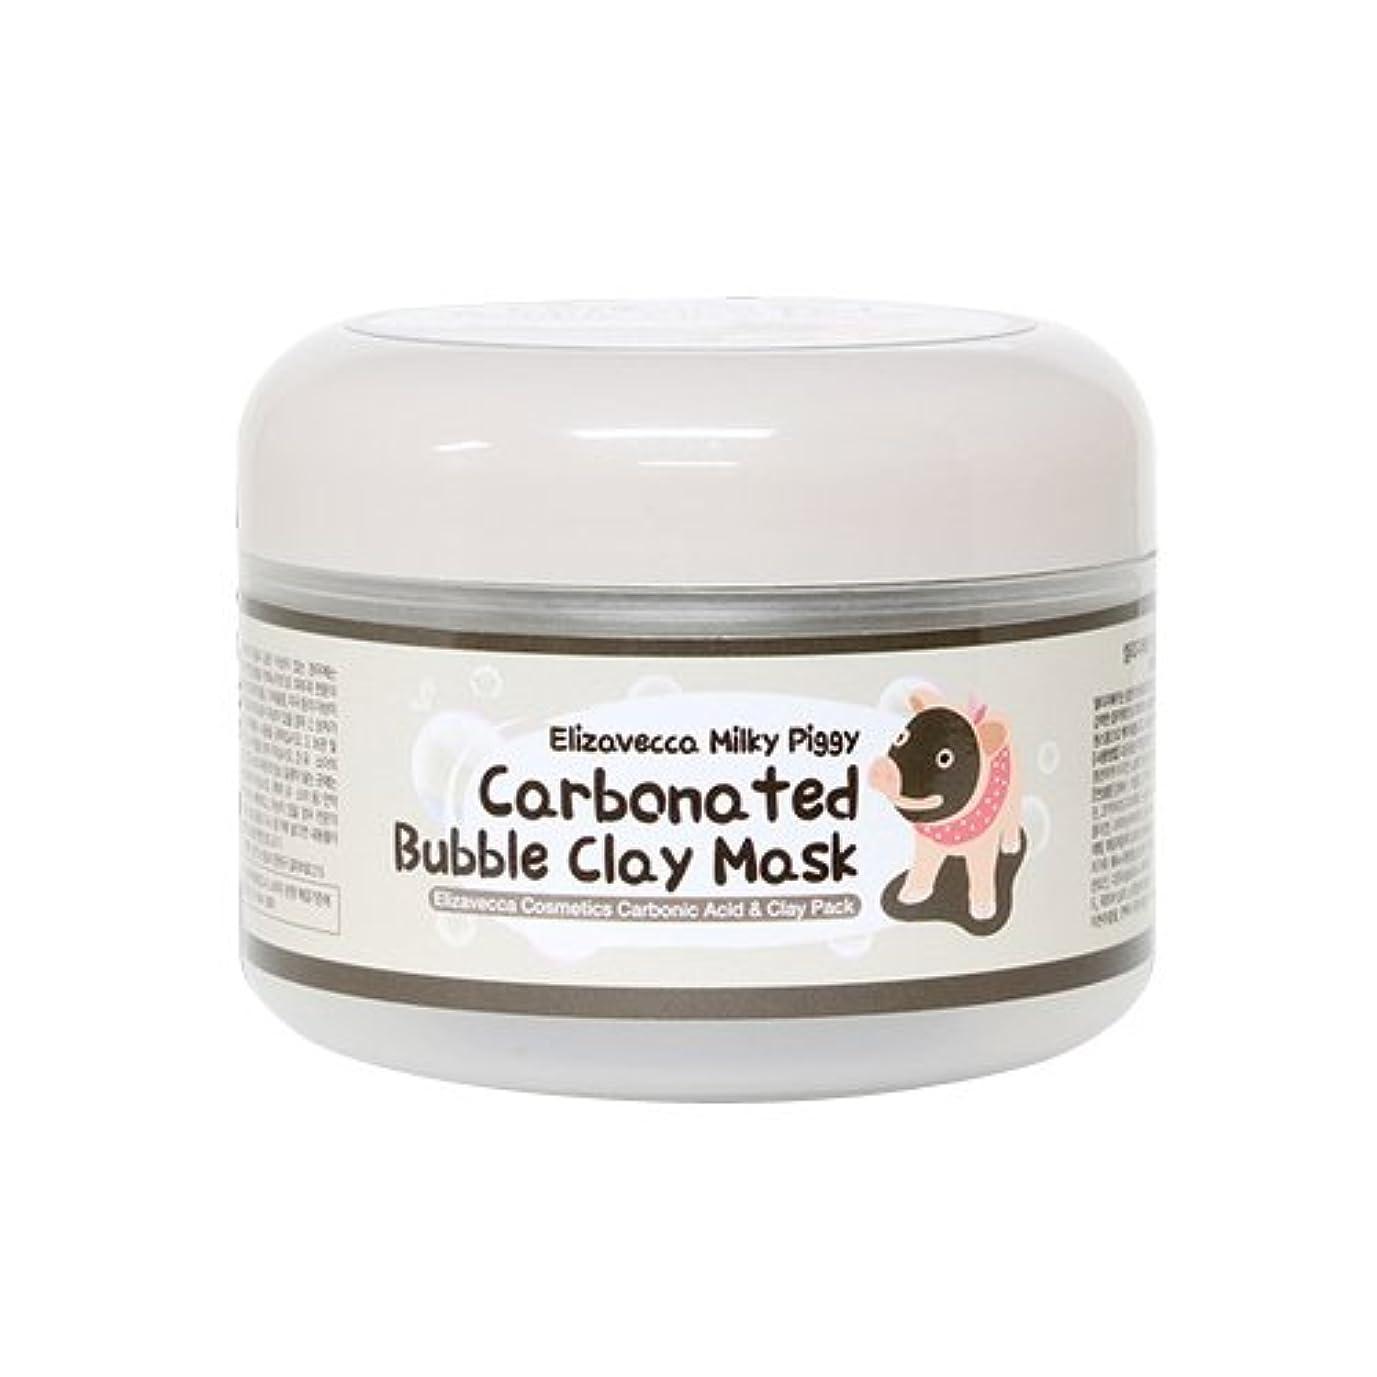 承認散髪松明[Elizaecca/エリザベカ/SESALO]炭酸バブルクレイマスク/Carbanated bubble clay mask[海外直送品]